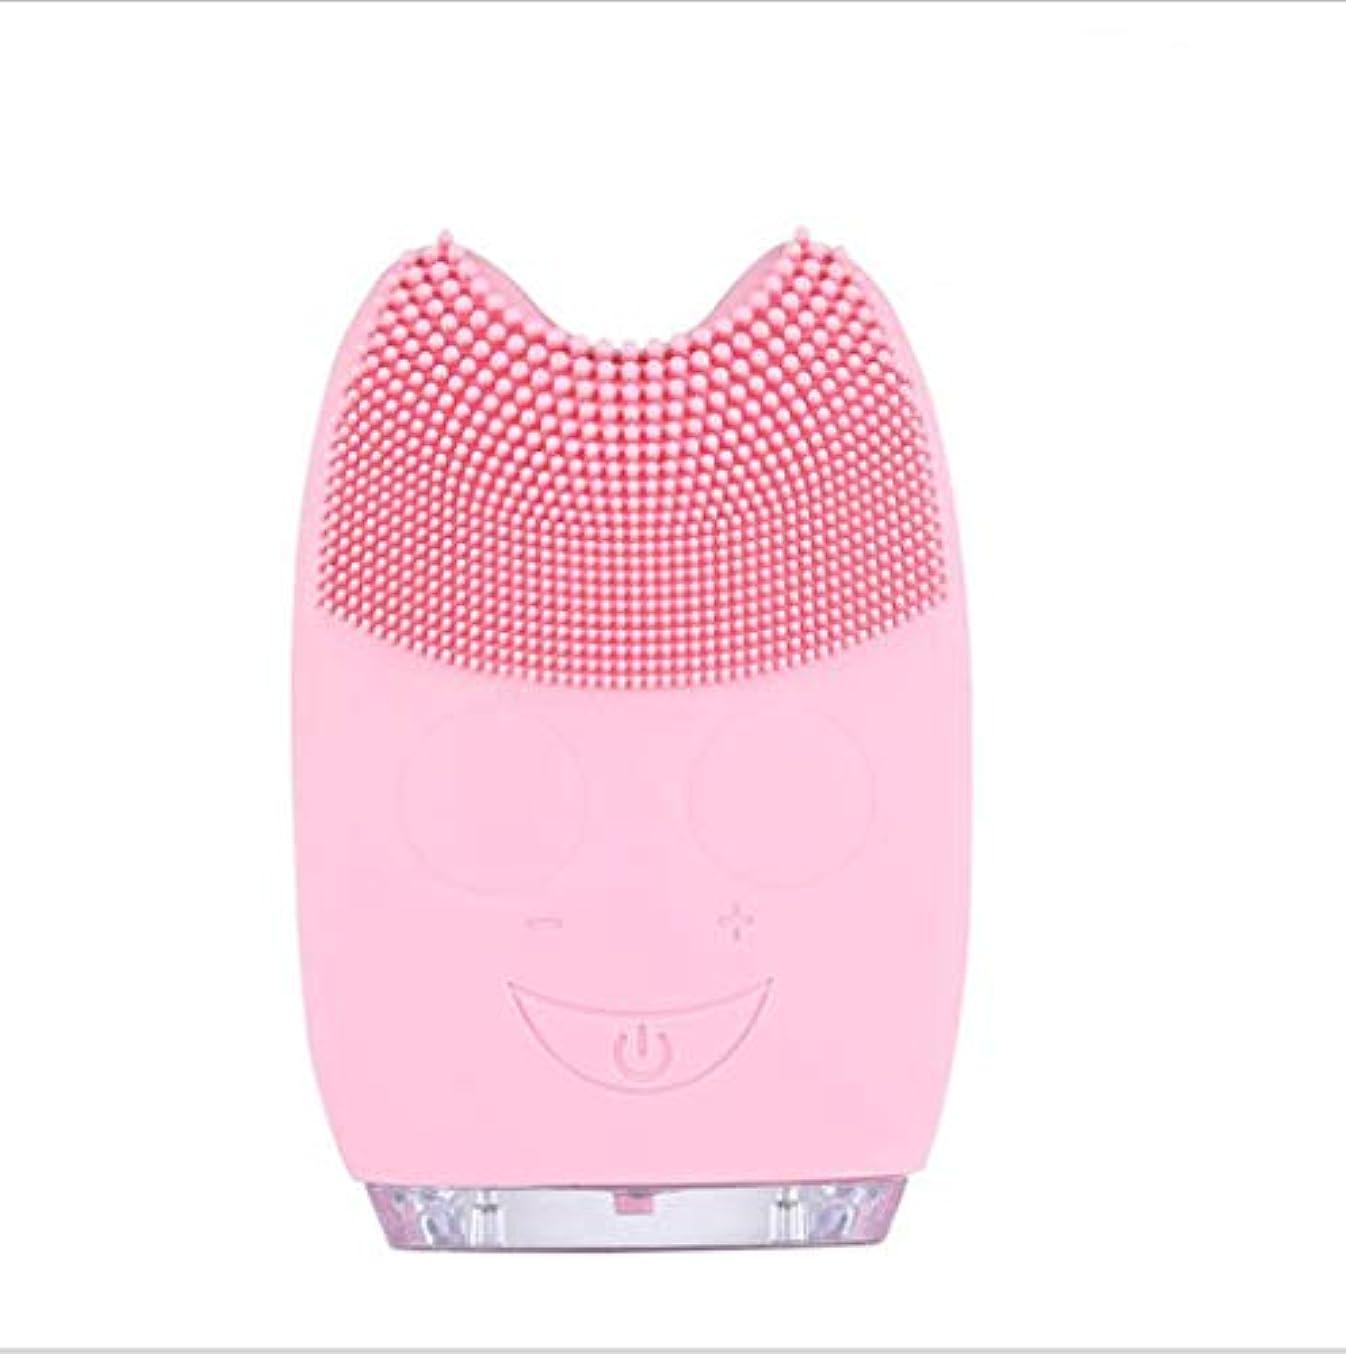 心臓配偶者いちゃつくすべての肌のタイプに適した角質除去とアンチエイジング顔マッサージのためのシリコーン電気クレンジングブラシ,Pink